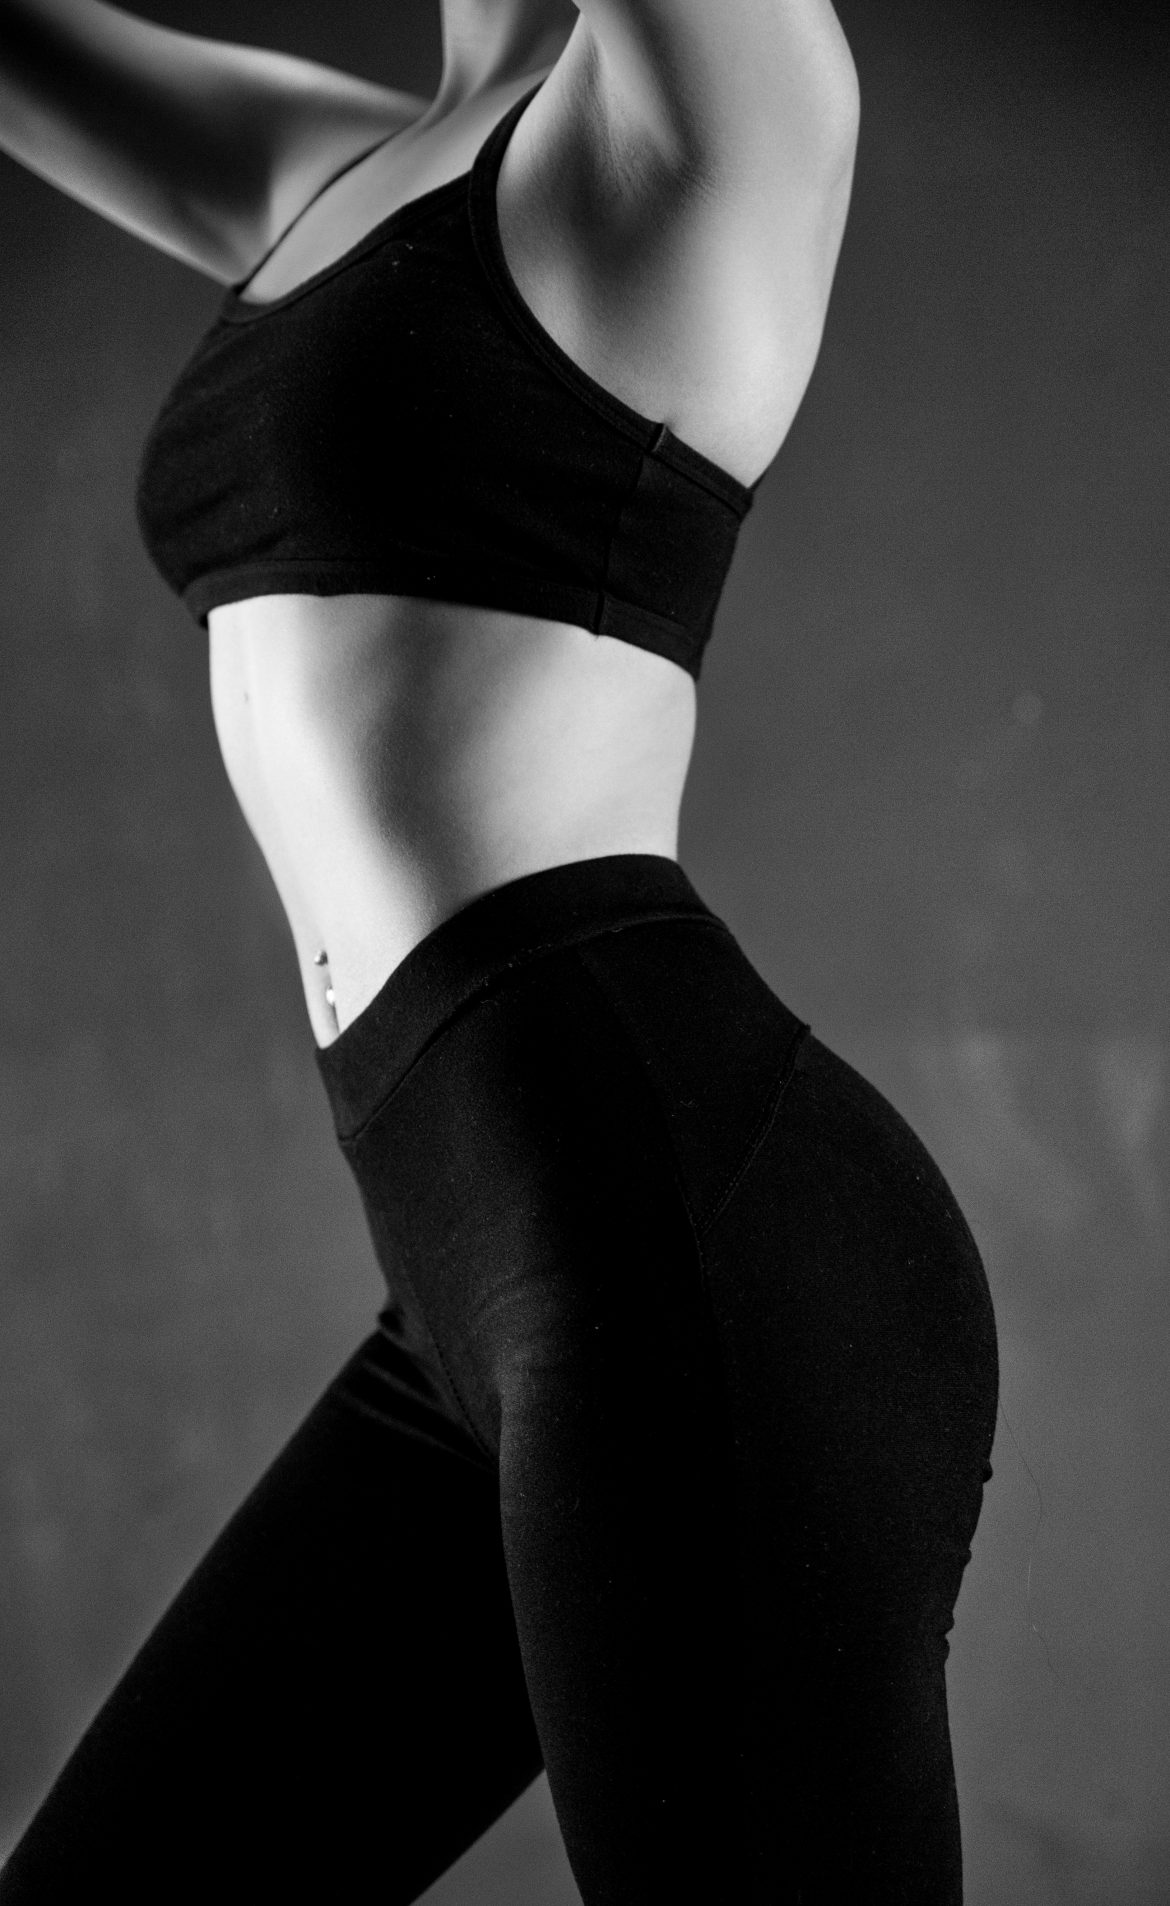 Ciało bez cellulitu - domowa pielęgnacja